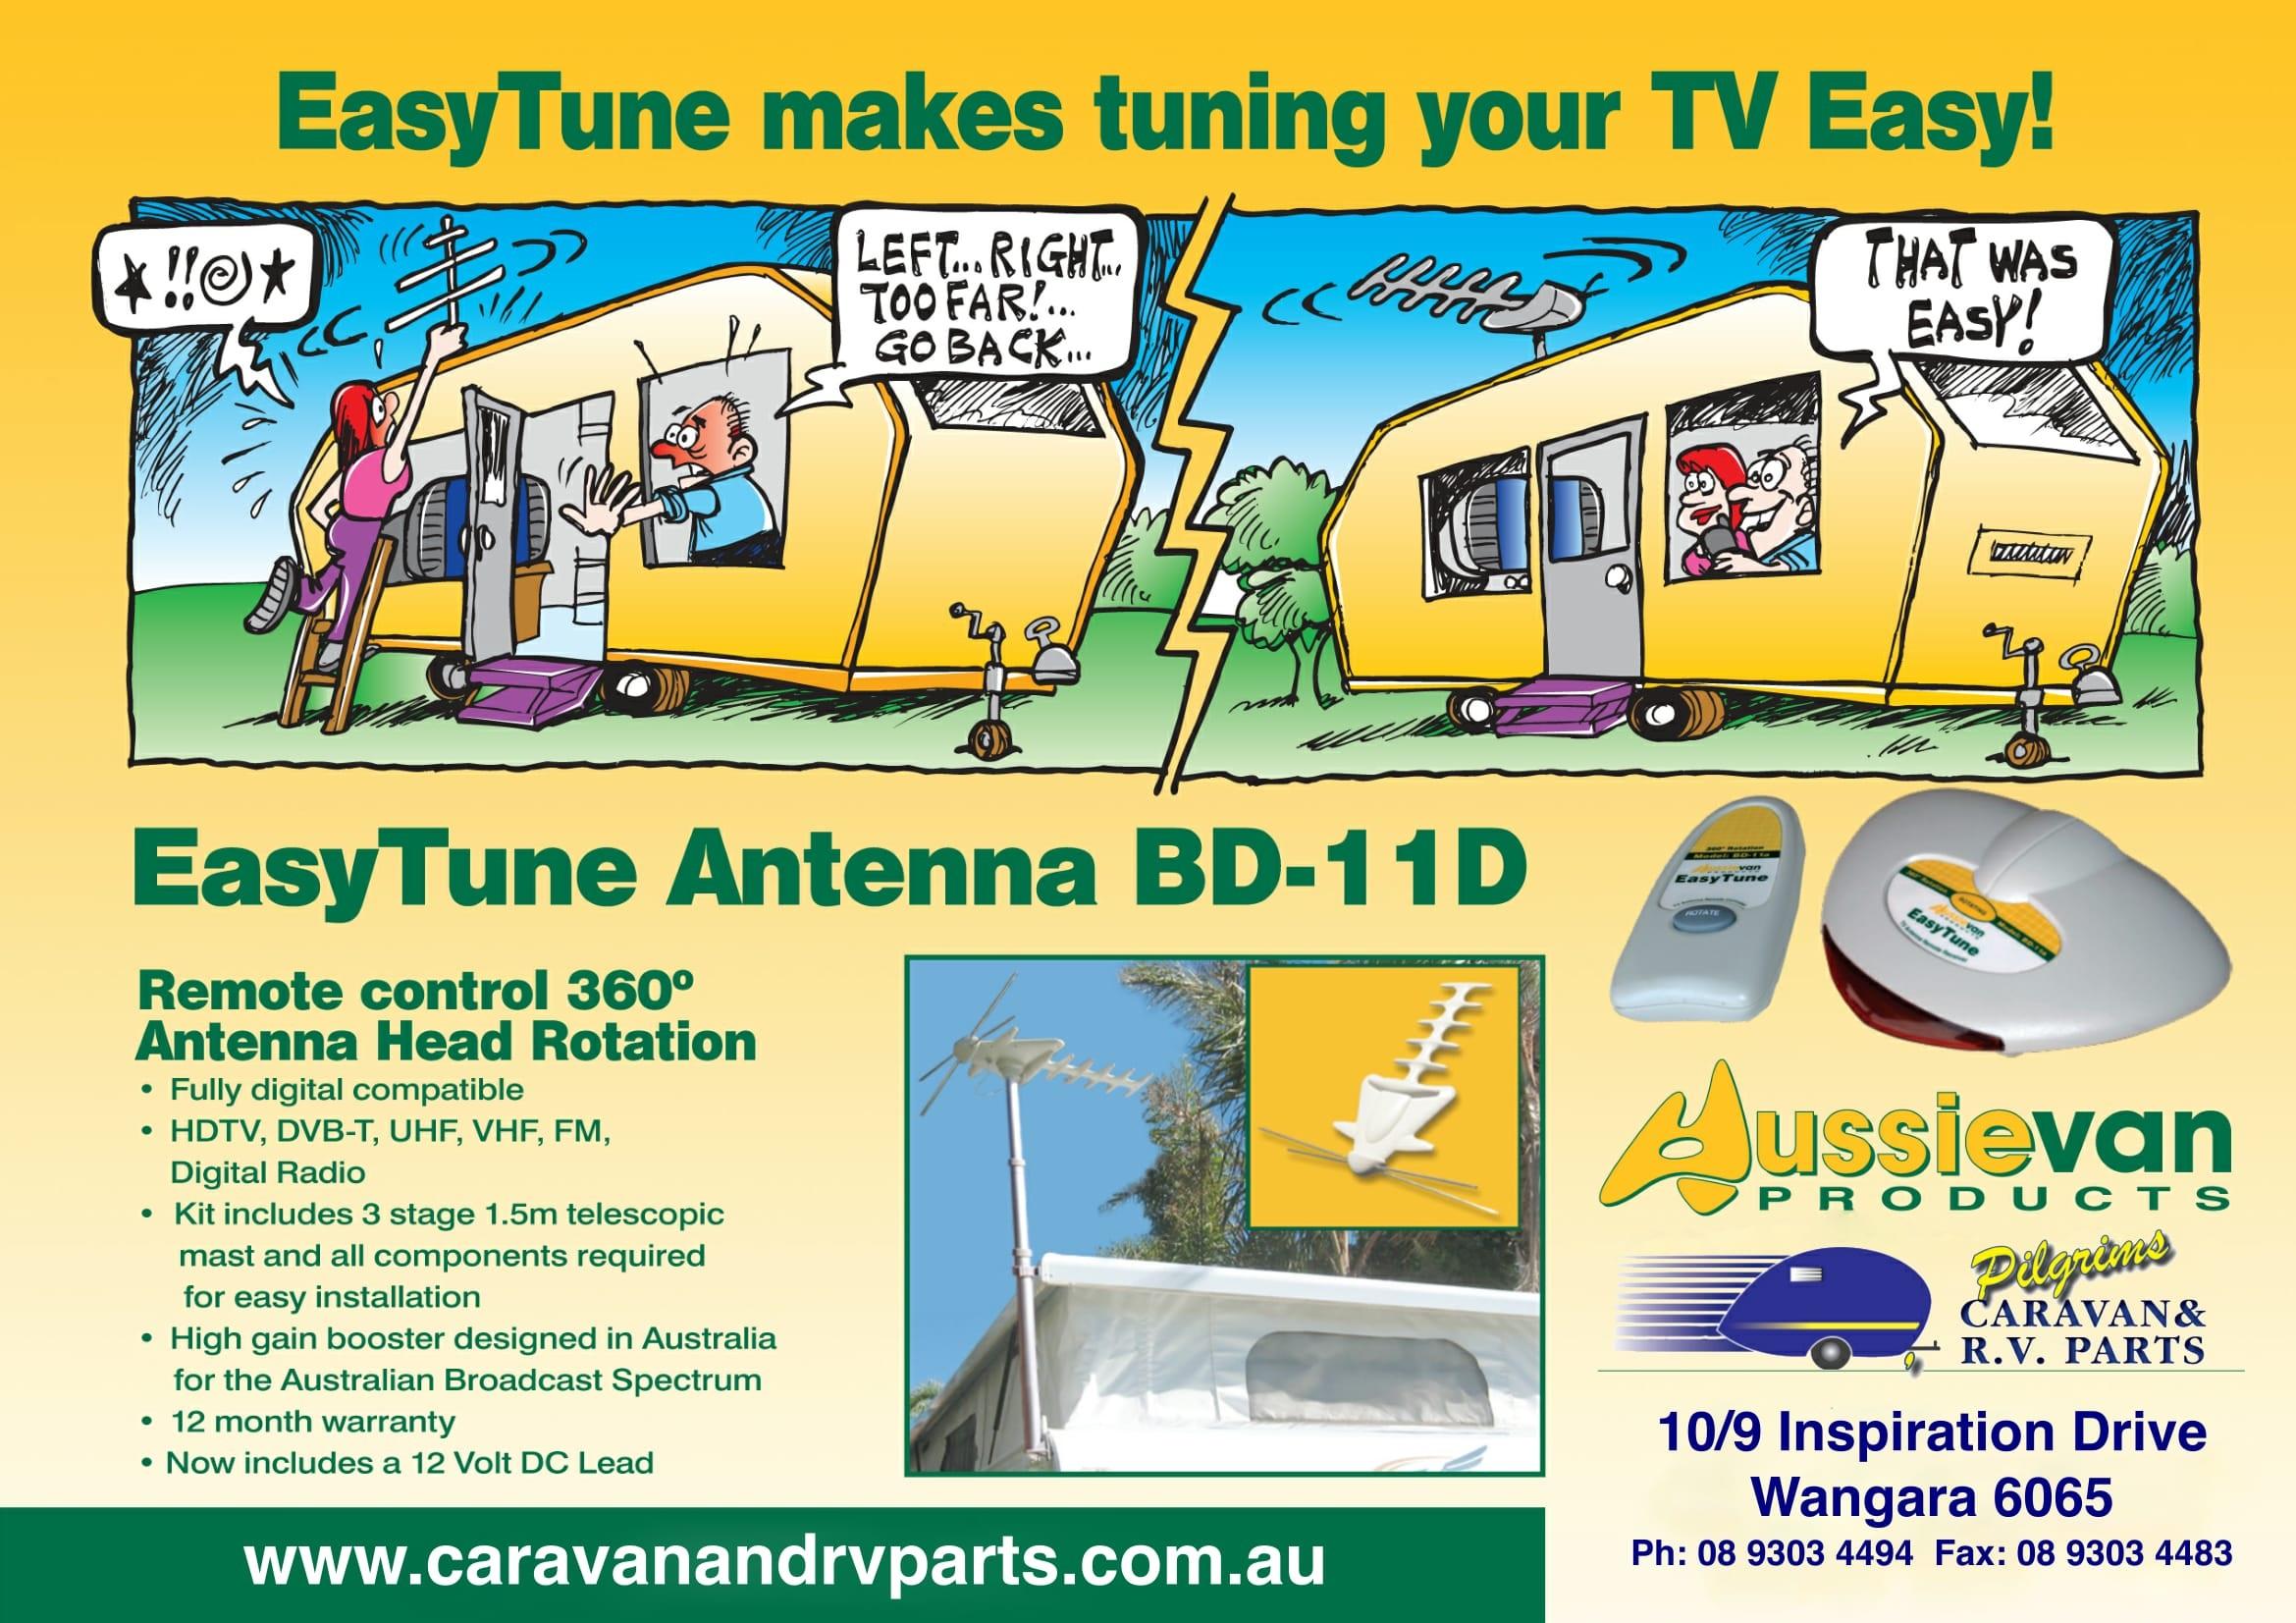 AUSSIEVAN Easy Tune Antenna BD-11DX